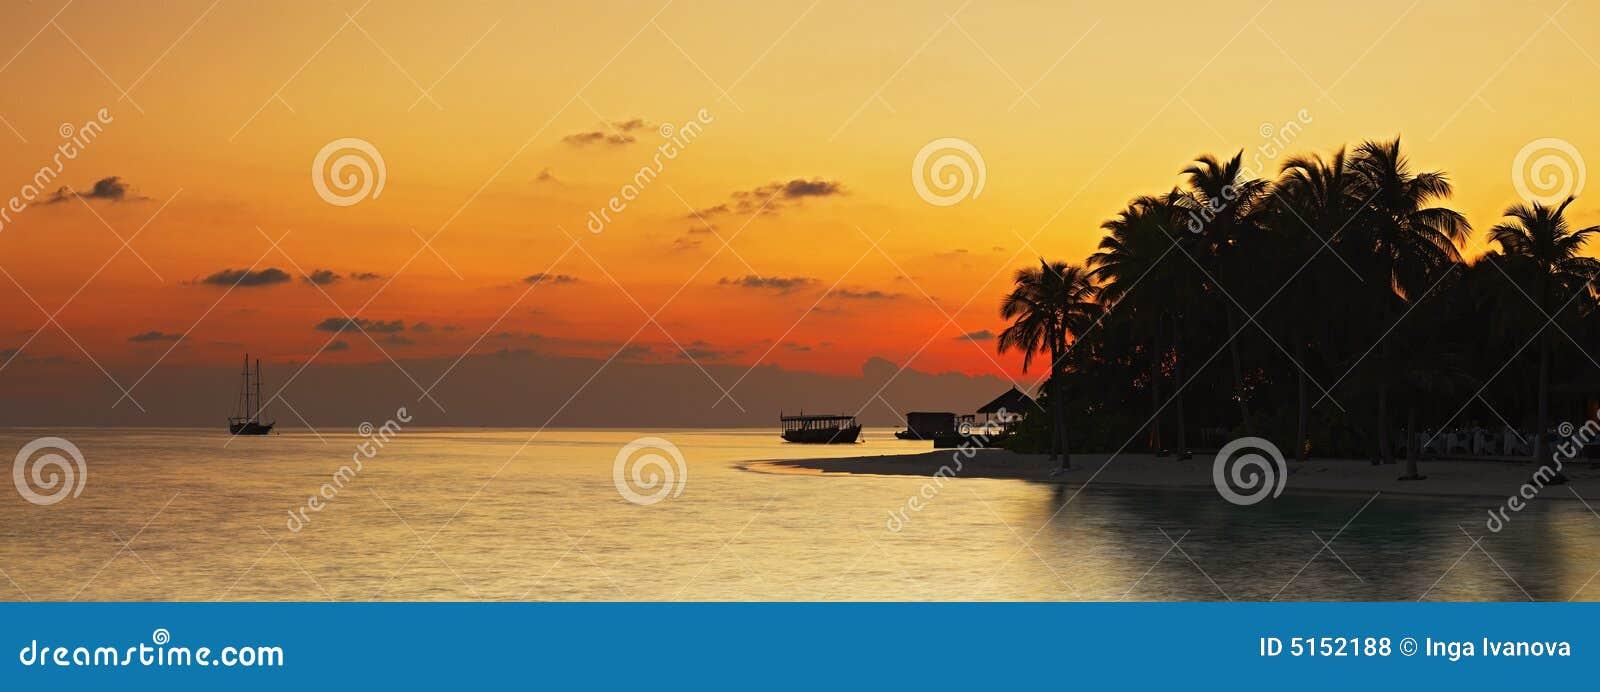 Panorama de la puesta del sol tropical